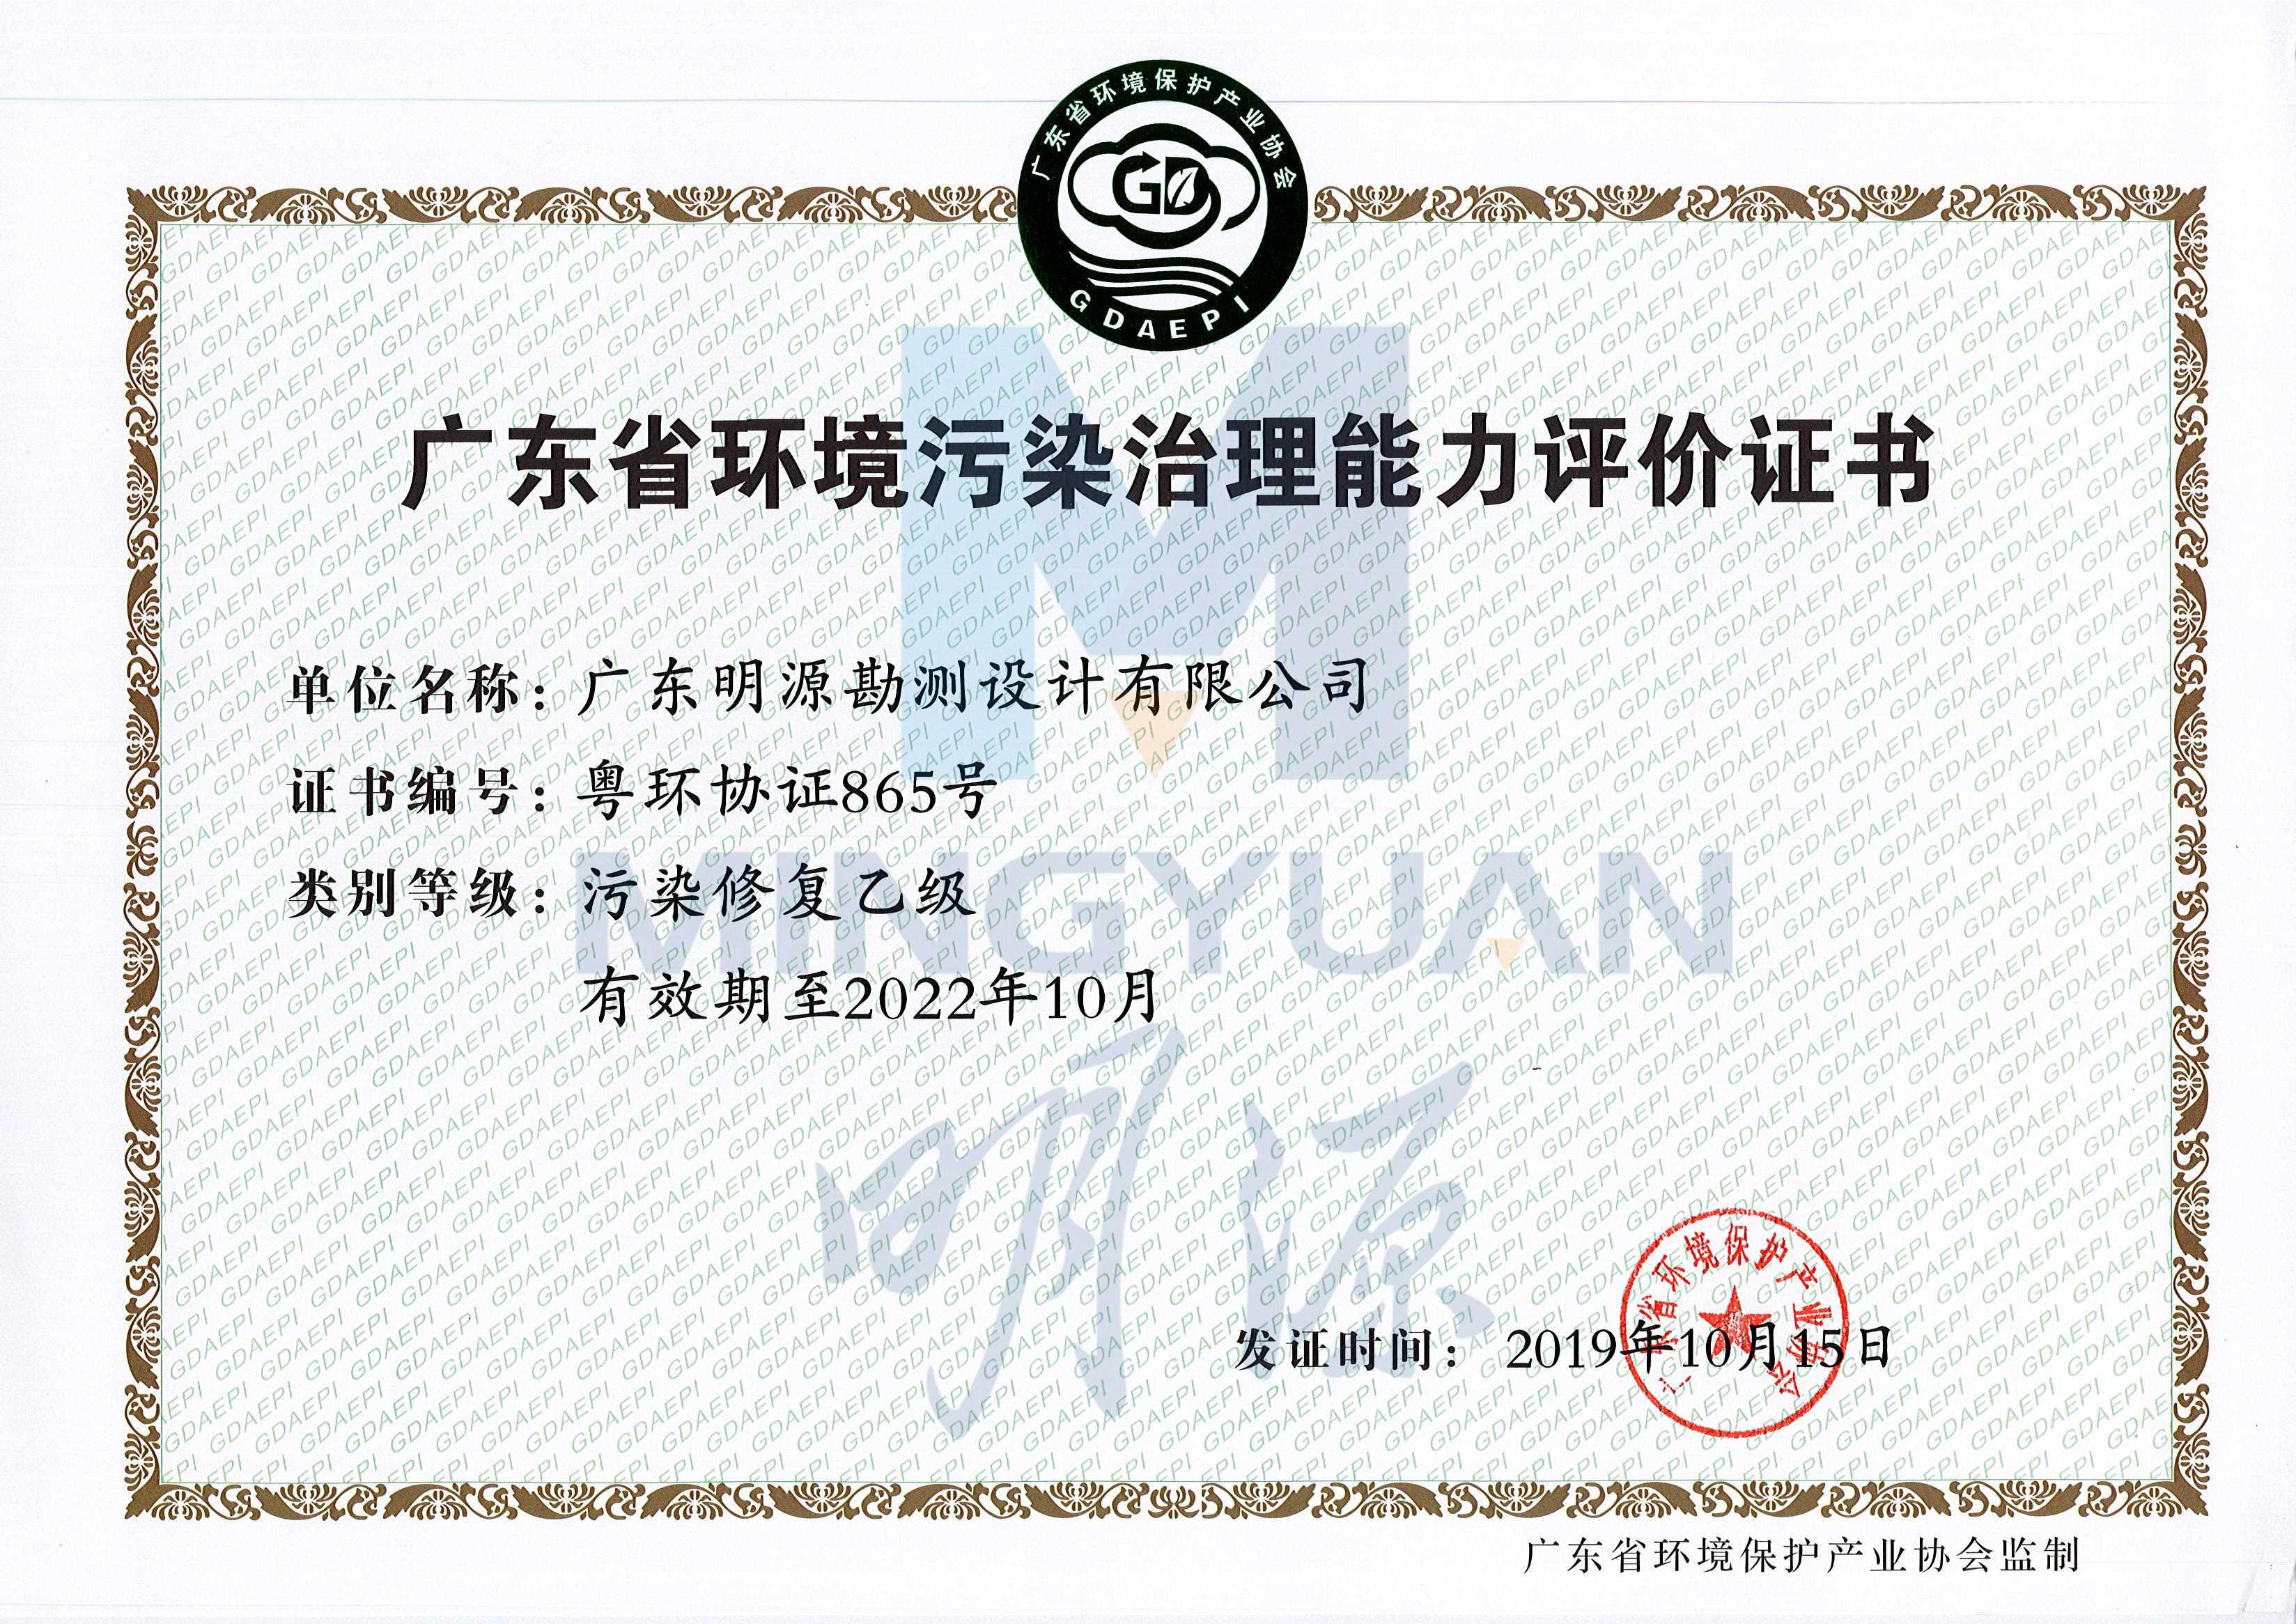 環境污染治理能力資質證書乙級